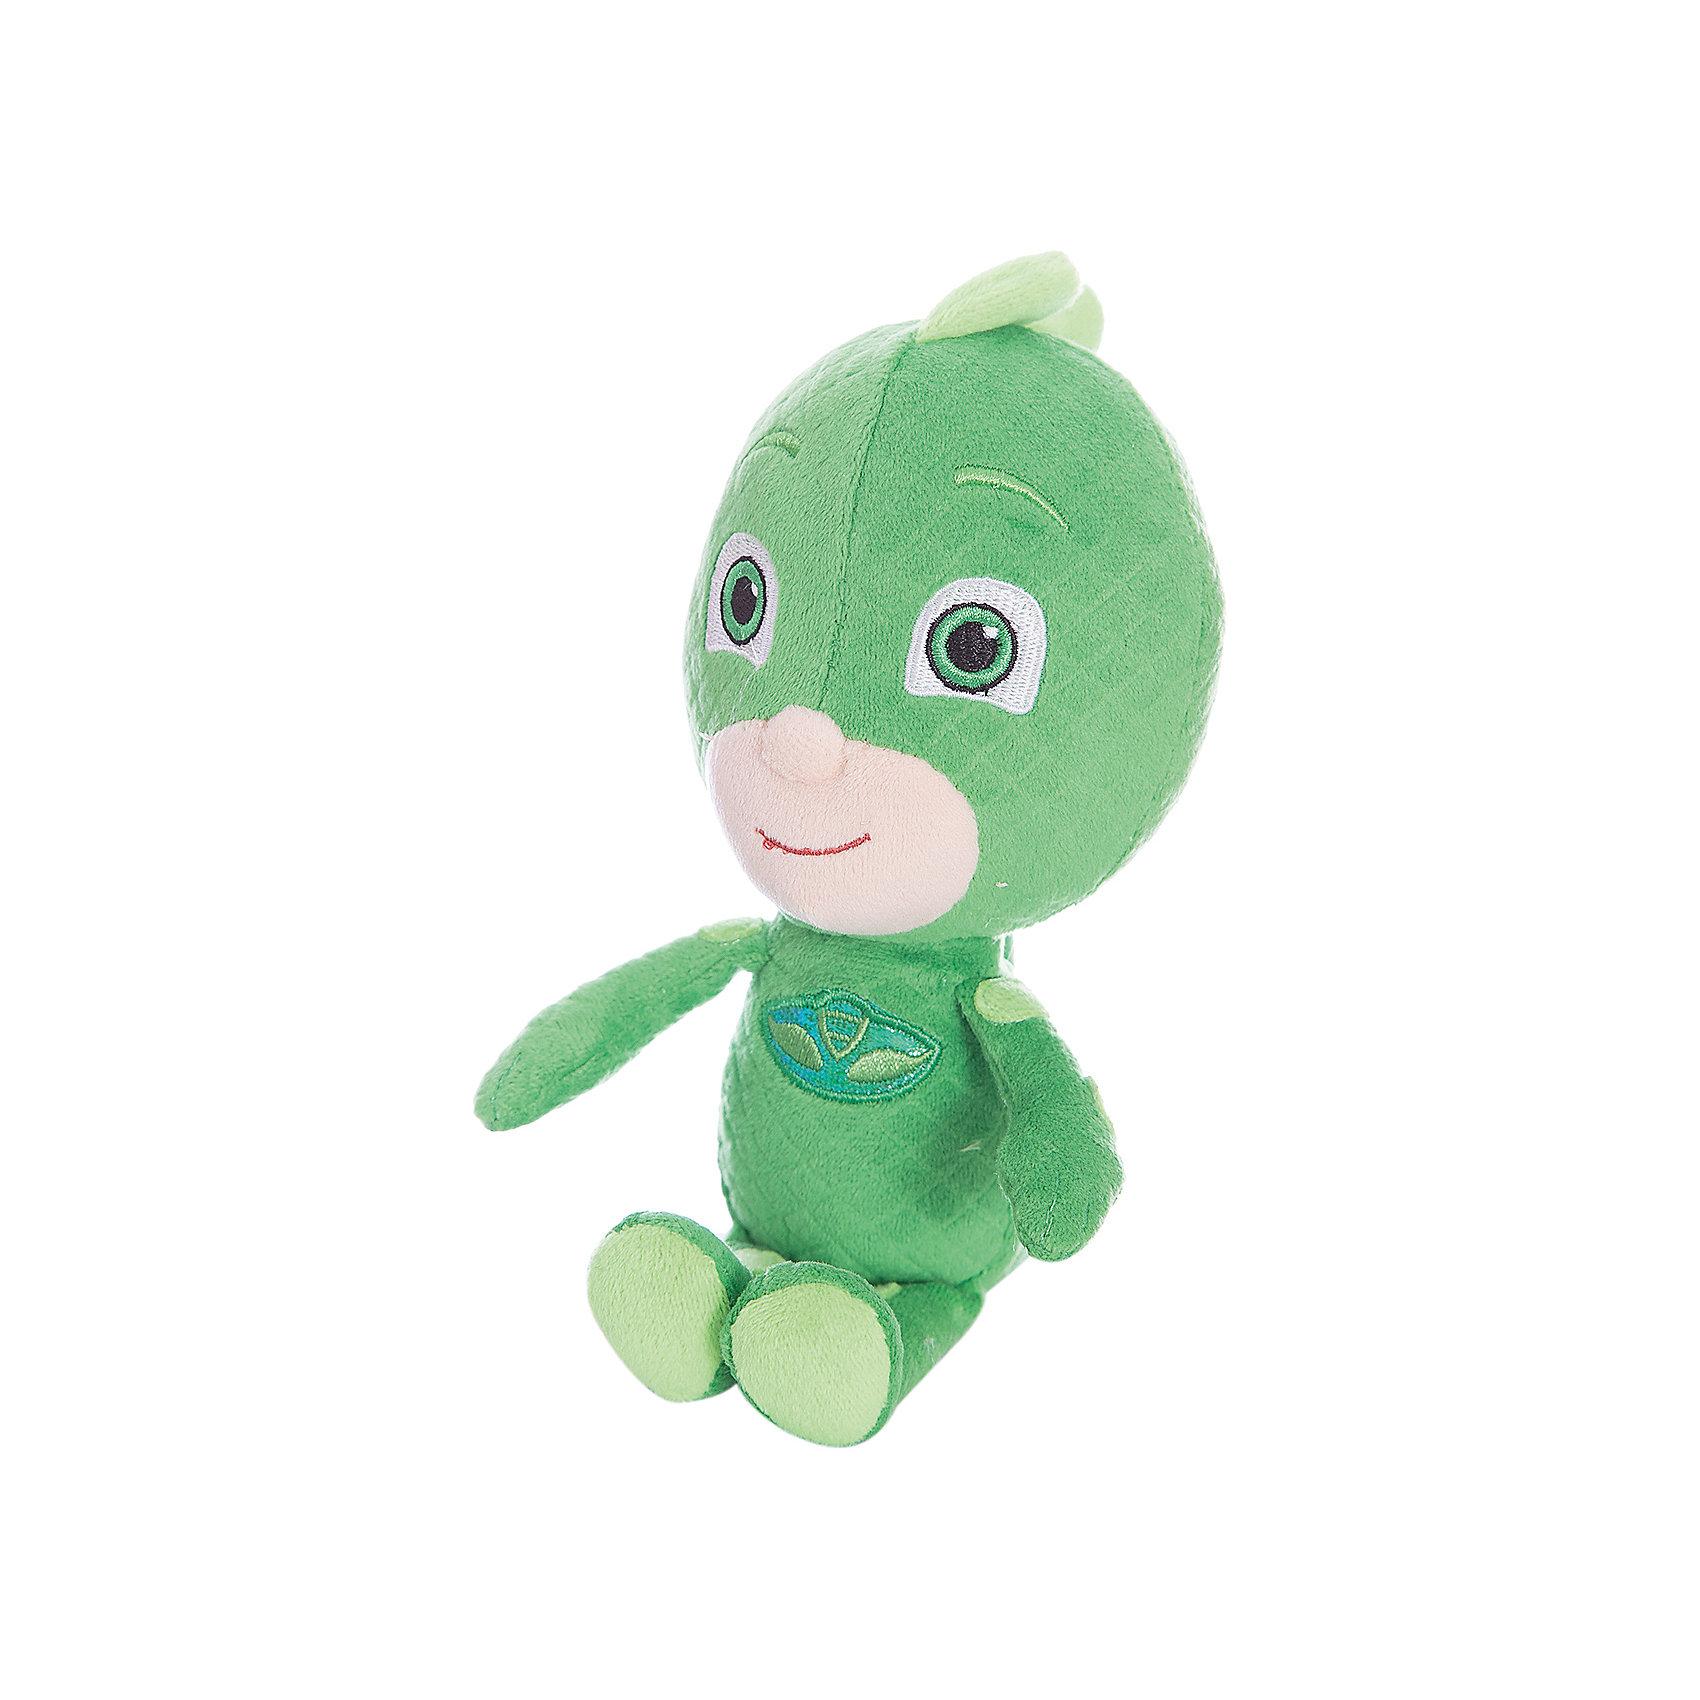 Мягкая игрушка Гекко, Герои в масках,  20 см.Мягкие игрушки из мультфильмов<br>Мягкая игрушка Гекко - персонаж мультфильма Герои в масках - с удовольствием составит вашему малышу компанию в веселых играх, помогая ему развивать фантазию, речь, тактильное и цветовое восприятие и многое другое. А чтобы игры были еще интереснее, вы можете приобрести других героев мультфильма: Алетт, Кэтбоя и Ромео.&#13;<br>Мягкая игрушка Гекко ТМ Герои в масках высотой 20 см сшита из качественных текстильных материалов, декорирована вышивкой, снизу наполнена шариками антистресс для устойчивости. Товар сертифицирован.<br><br>Ширина мм: 80<br>Глубина мм: 70<br>Высота мм: 200<br>Вес г: 97<br>Возраст от месяцев: 36<br>Возраст до месяцев: 2147483647<br>Пол: Унисекс<br>Возраст: Детский<br>SKU: 5577970